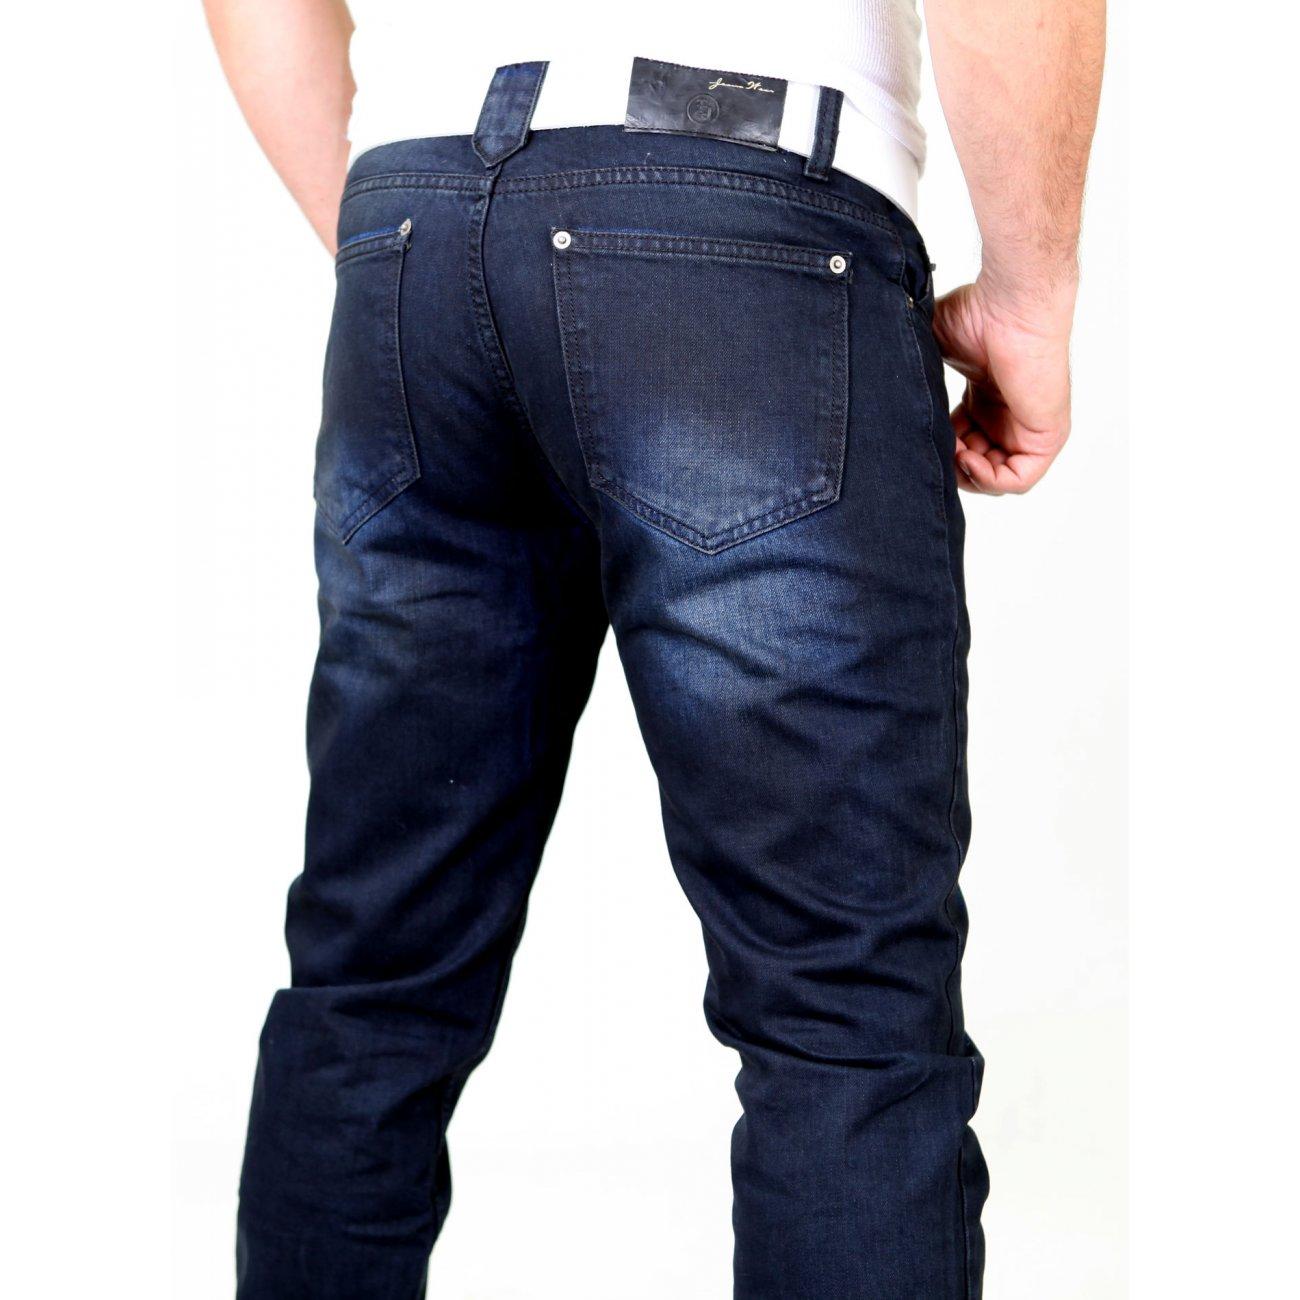 tazzio jeans hose vintage dark washed denim jeans online. Black Bedroom Furniture Sets. Home Design Ideas